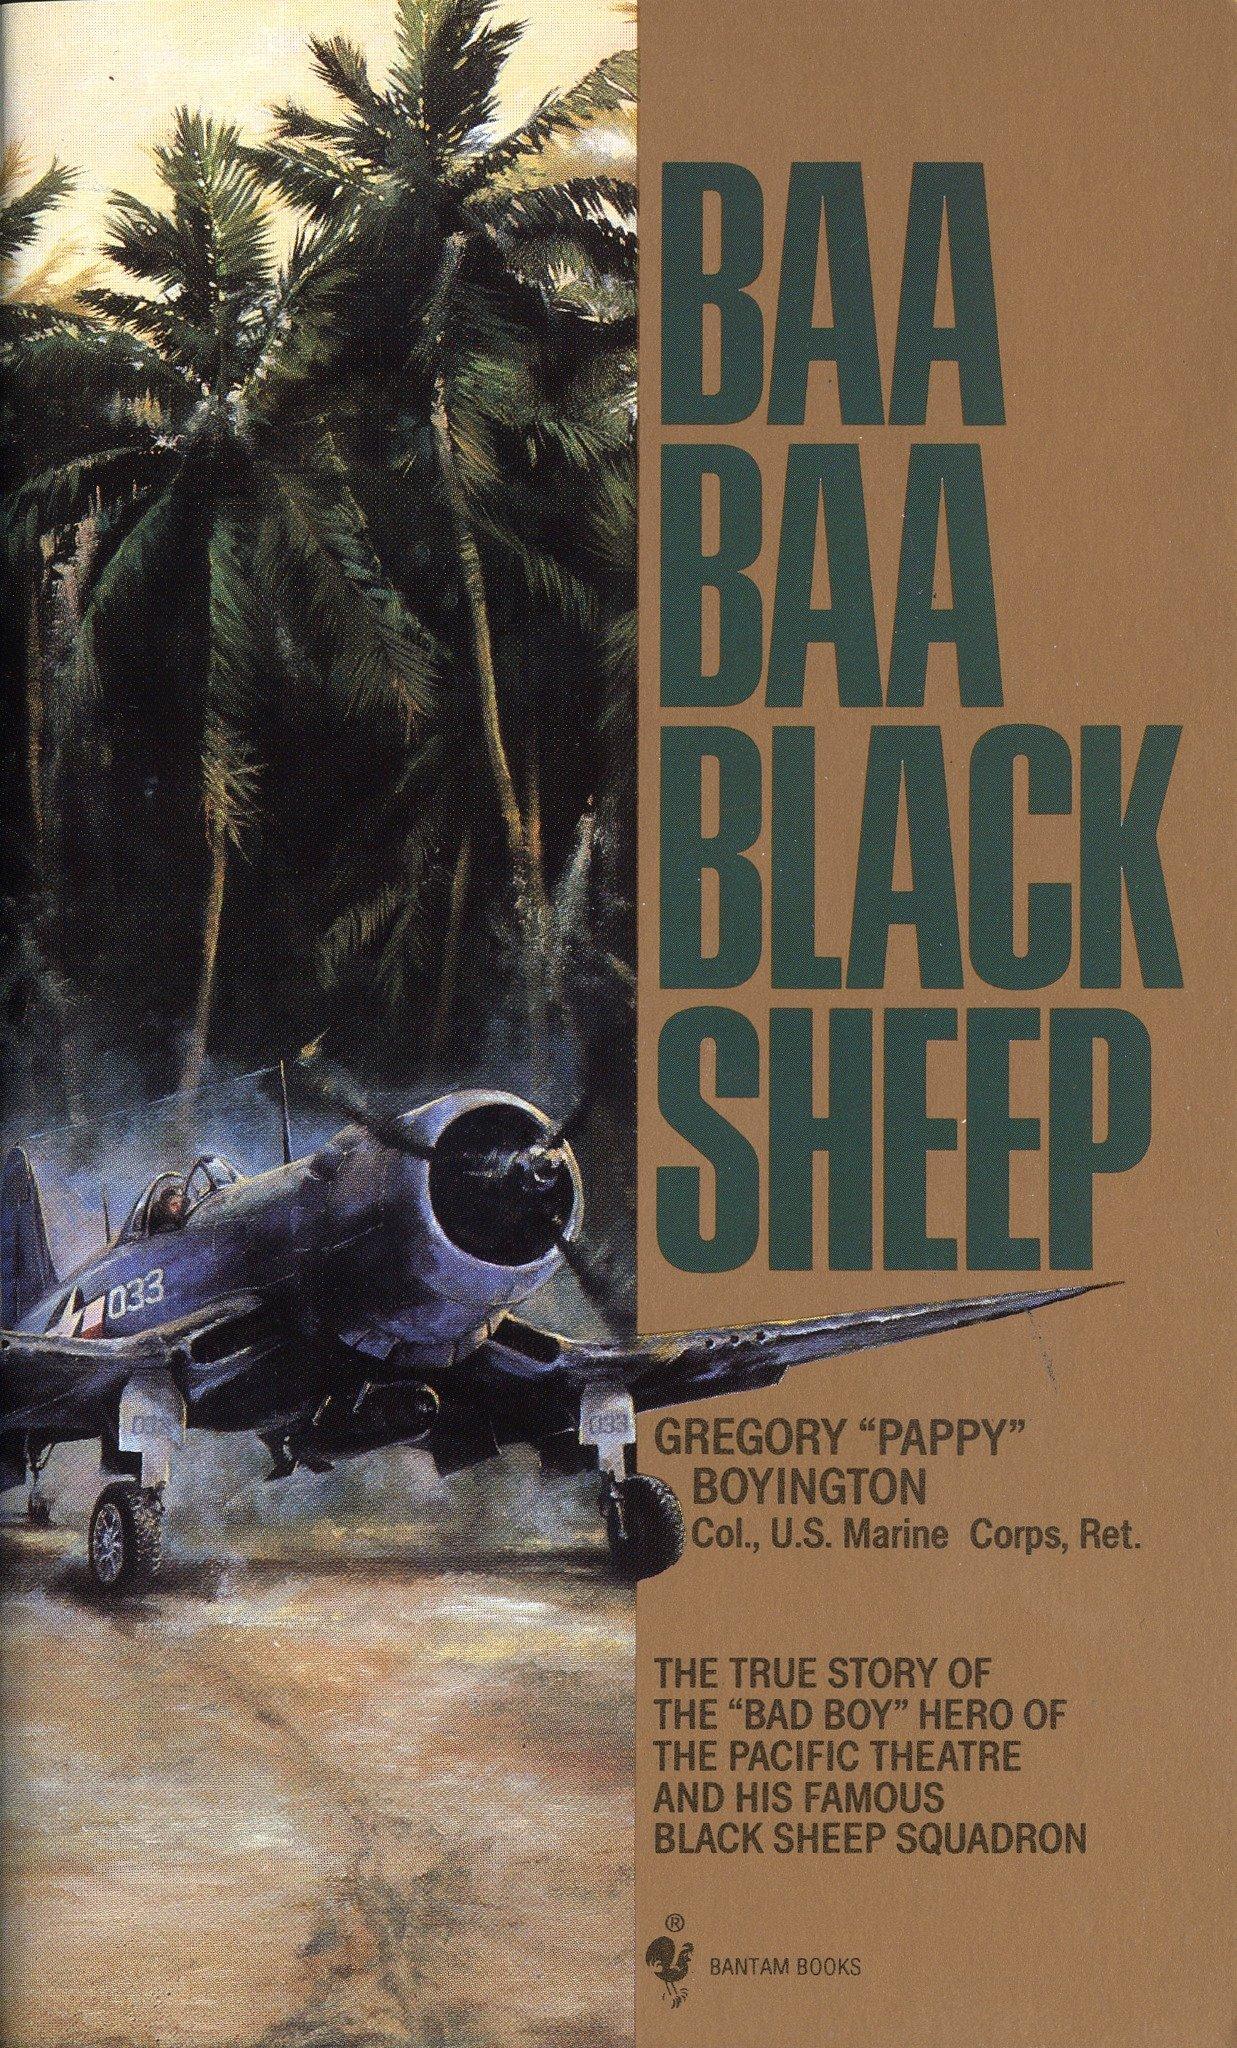 baa baa black sheep season 2